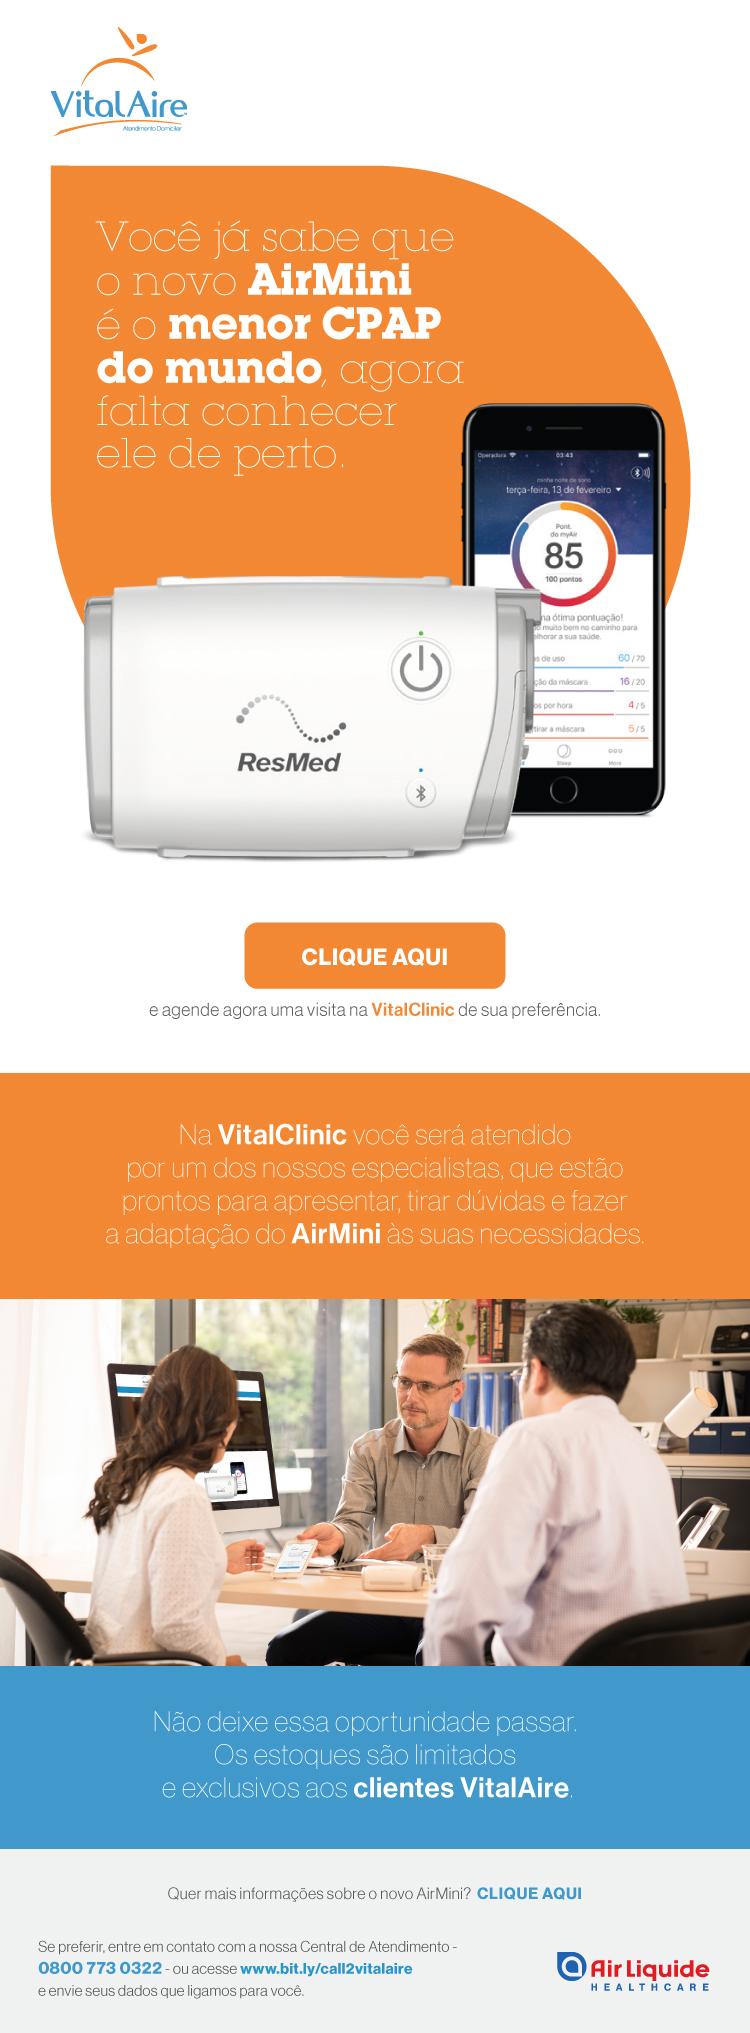 E-mail marketing para clientes